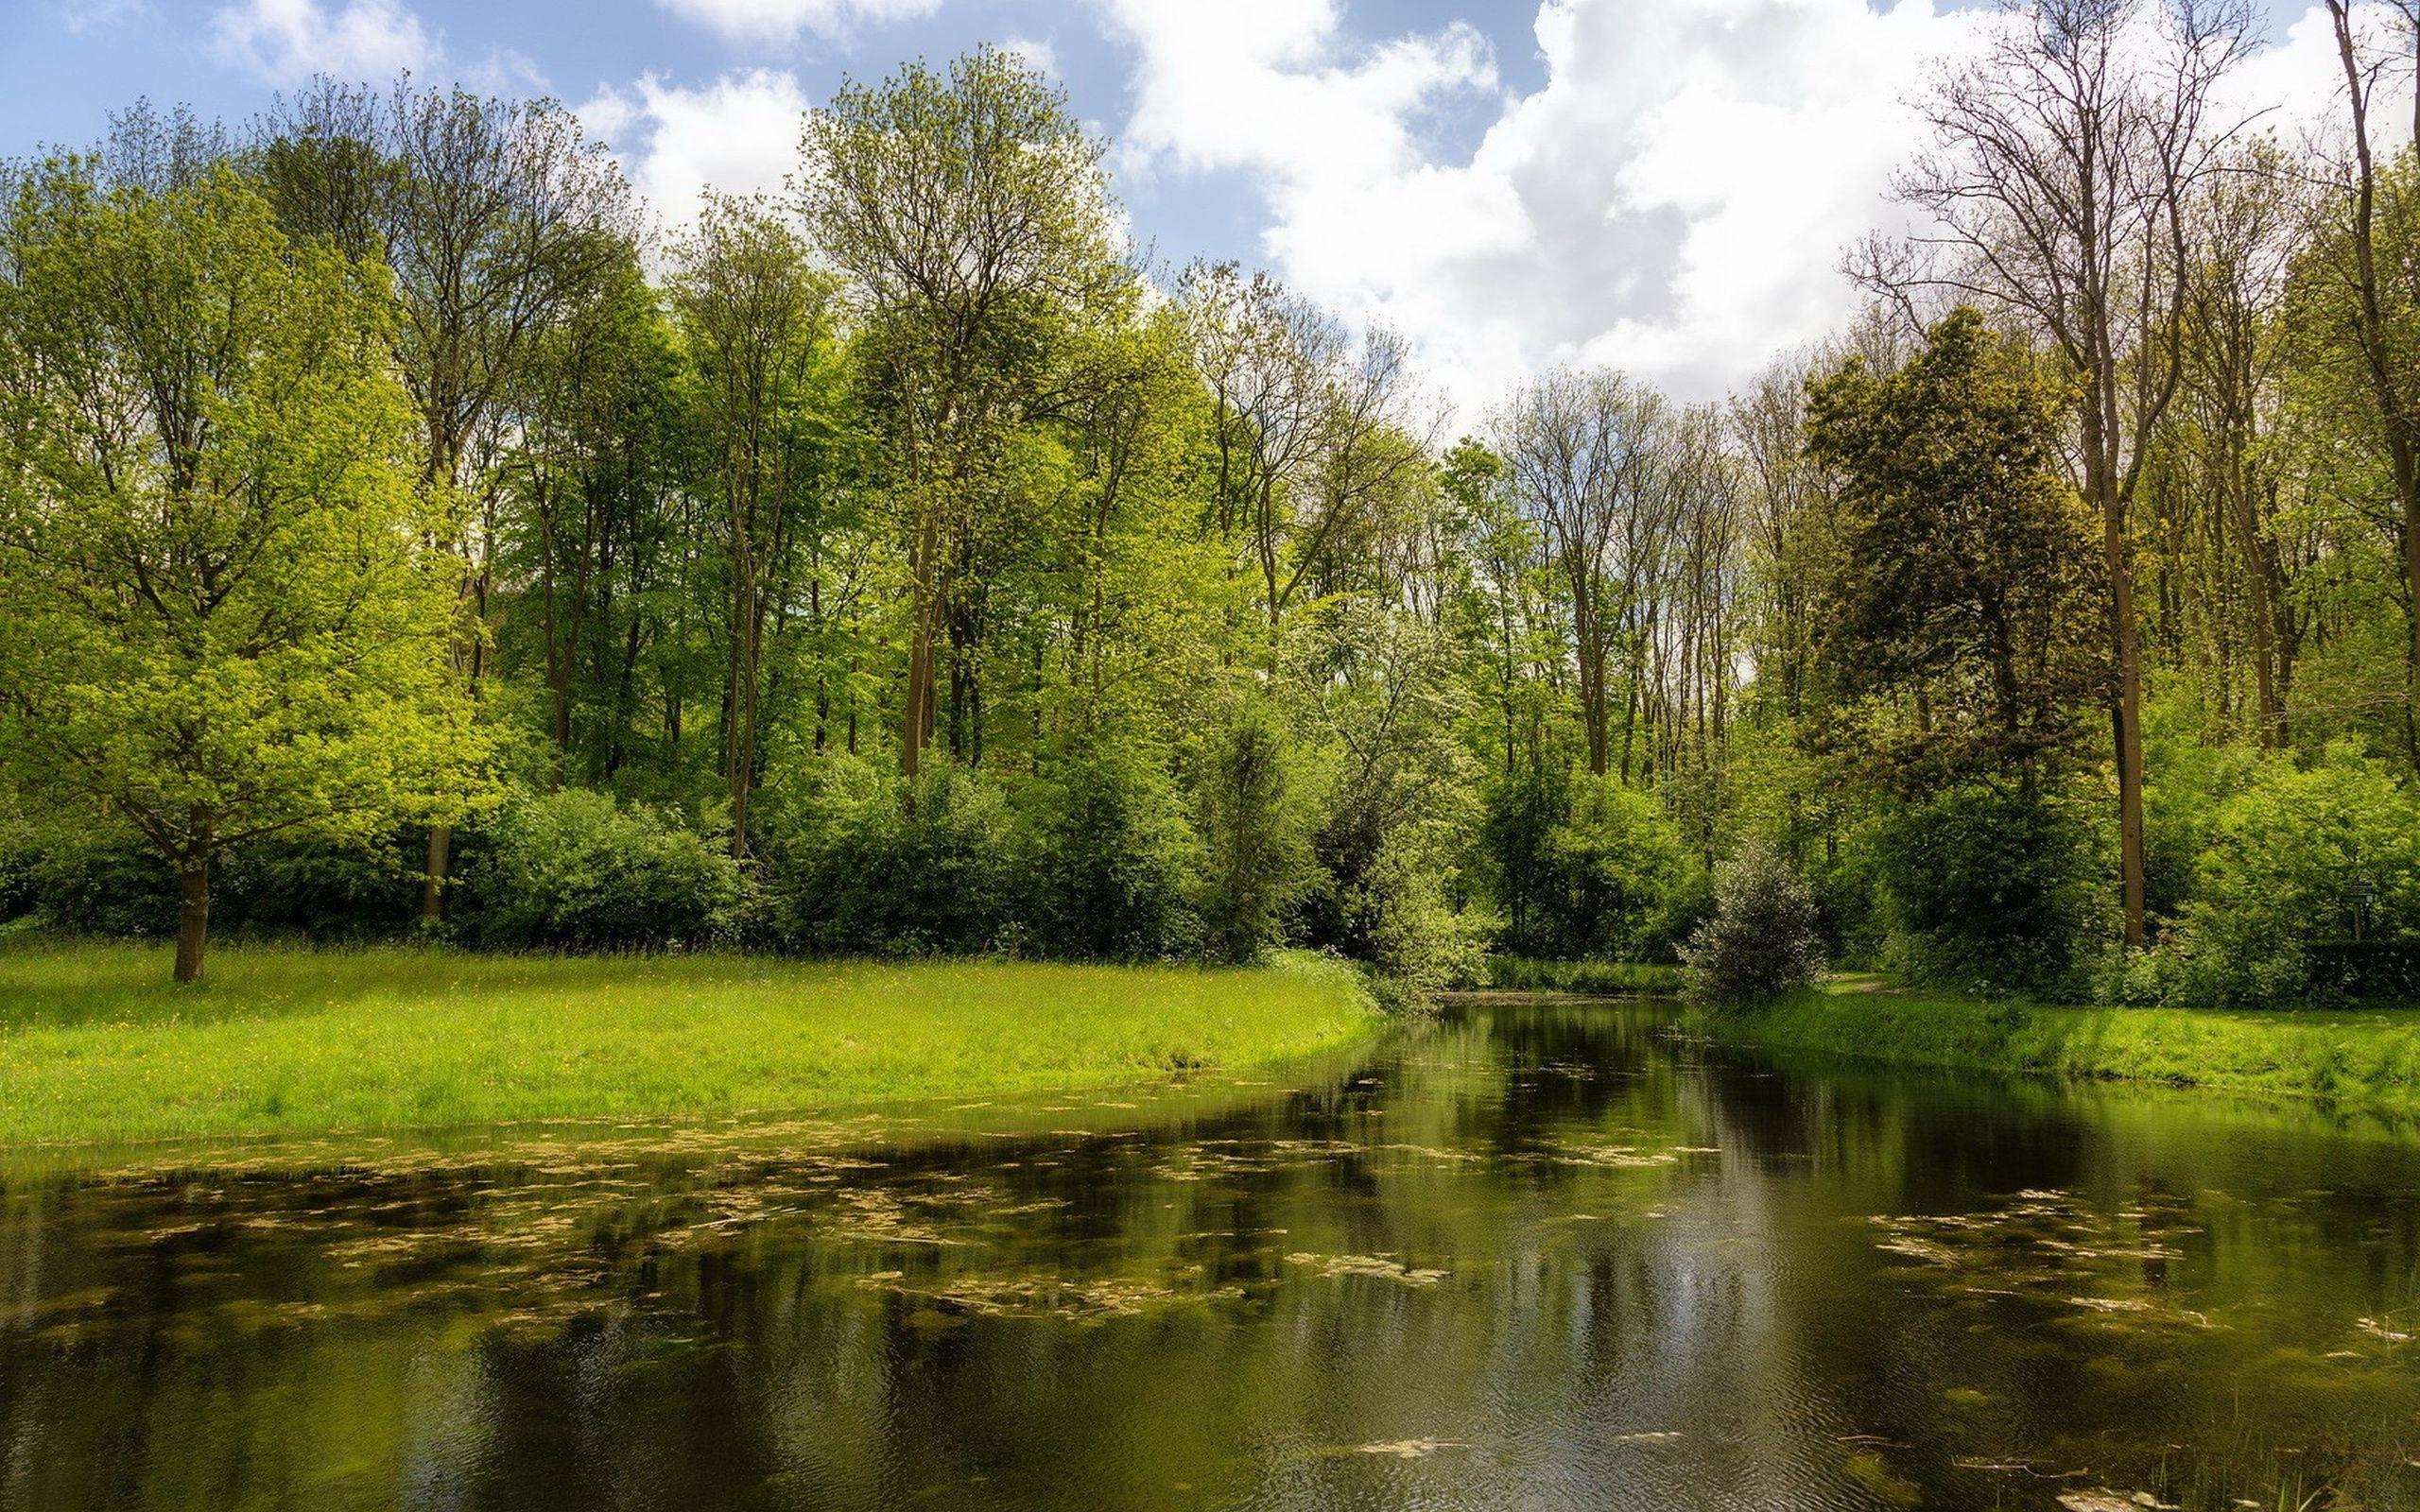 HDoboi.Kiev.ua - Красивая природа летом у озера, обои лето скачать на андроид